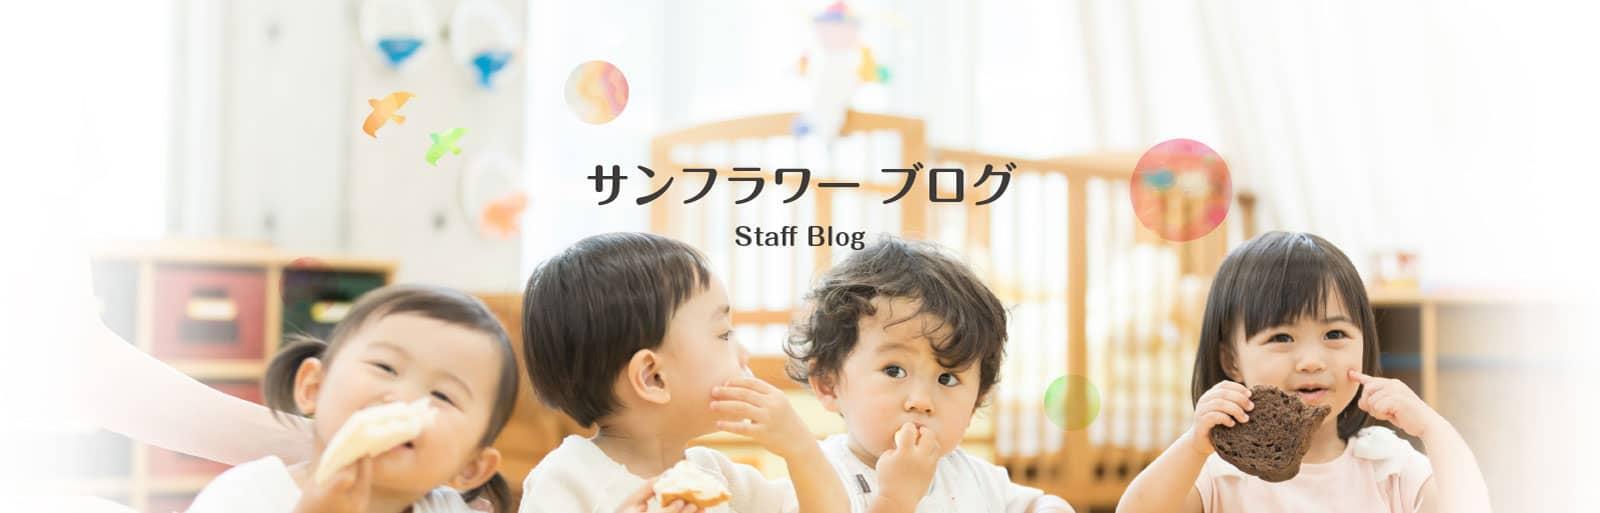 サンフラワー ブログ